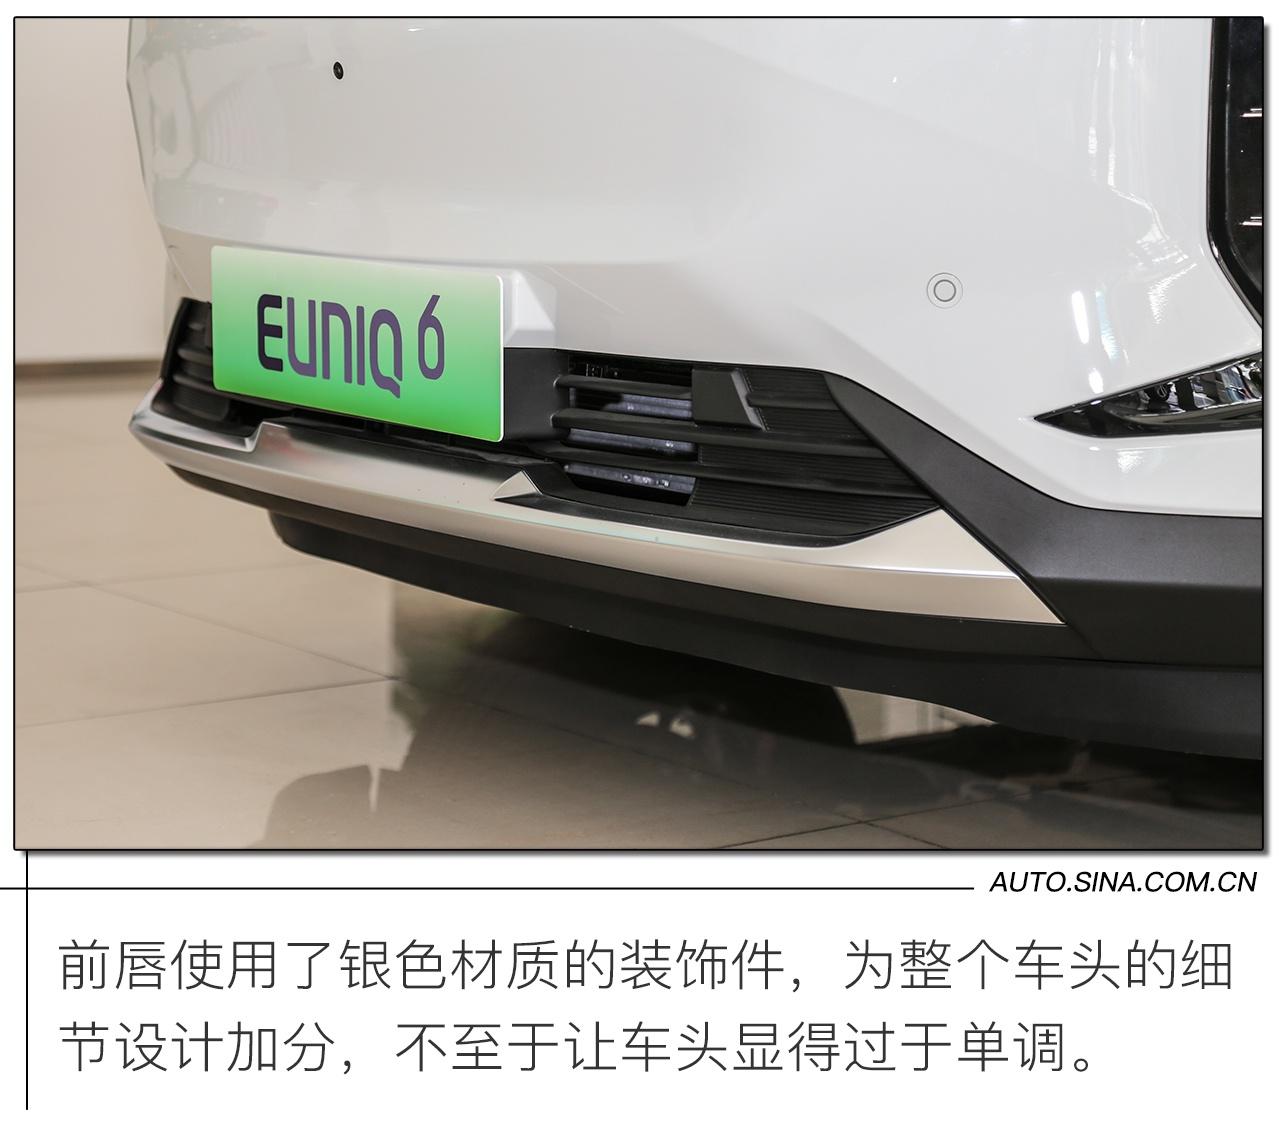 纯电续航510km 实拍上汽MAXUS EUNIQ 6